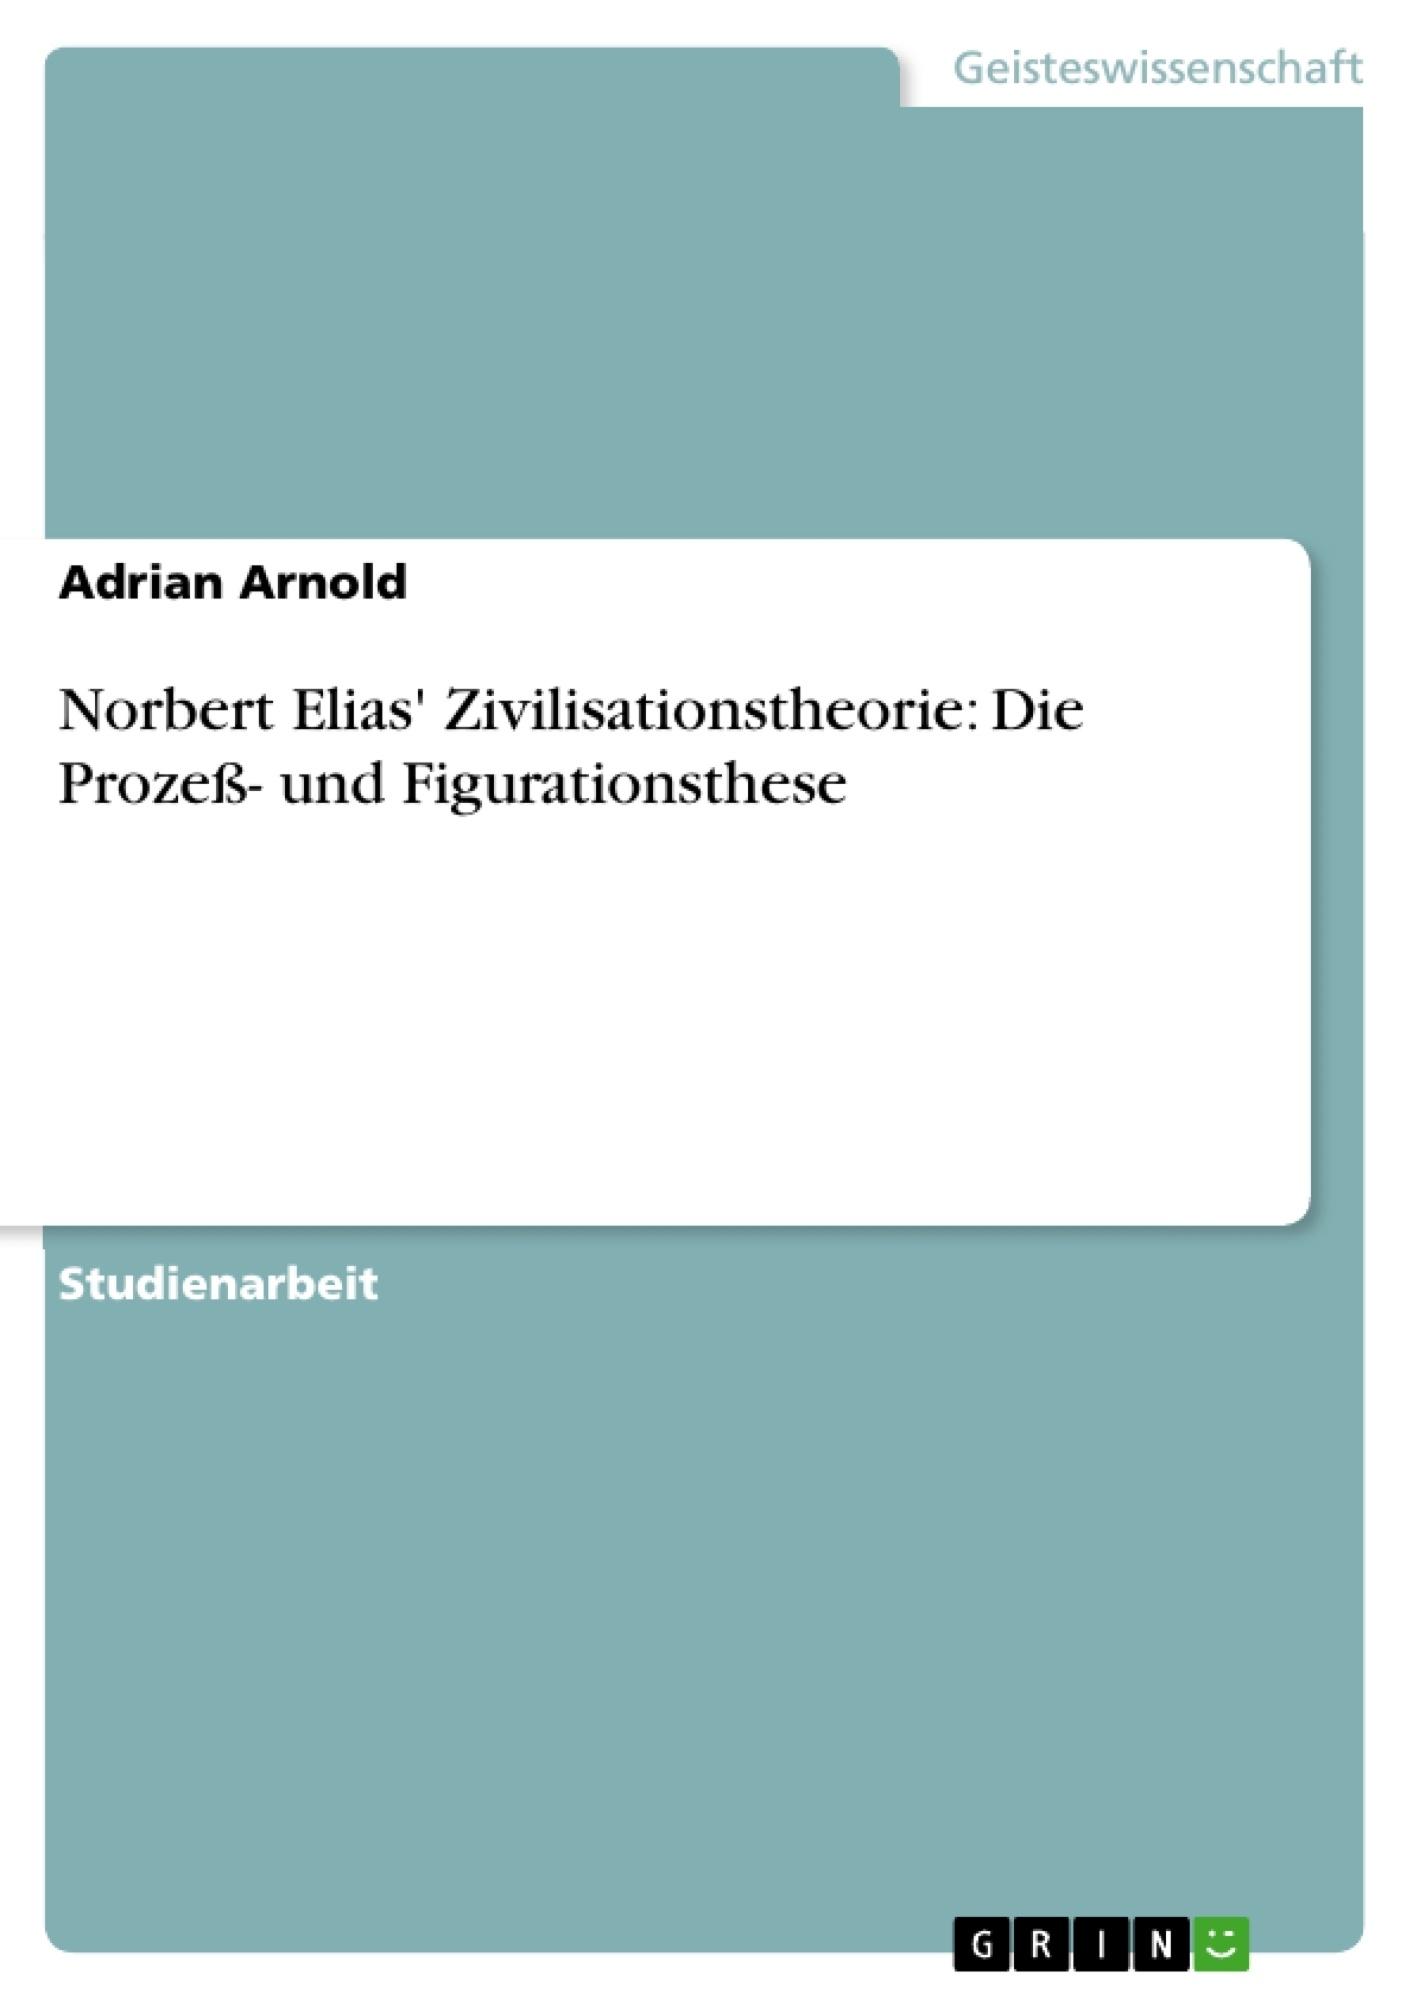 Titel: Norbert Elias' Zivilisationstheorie: Die Prozeß- und Figurationsthese